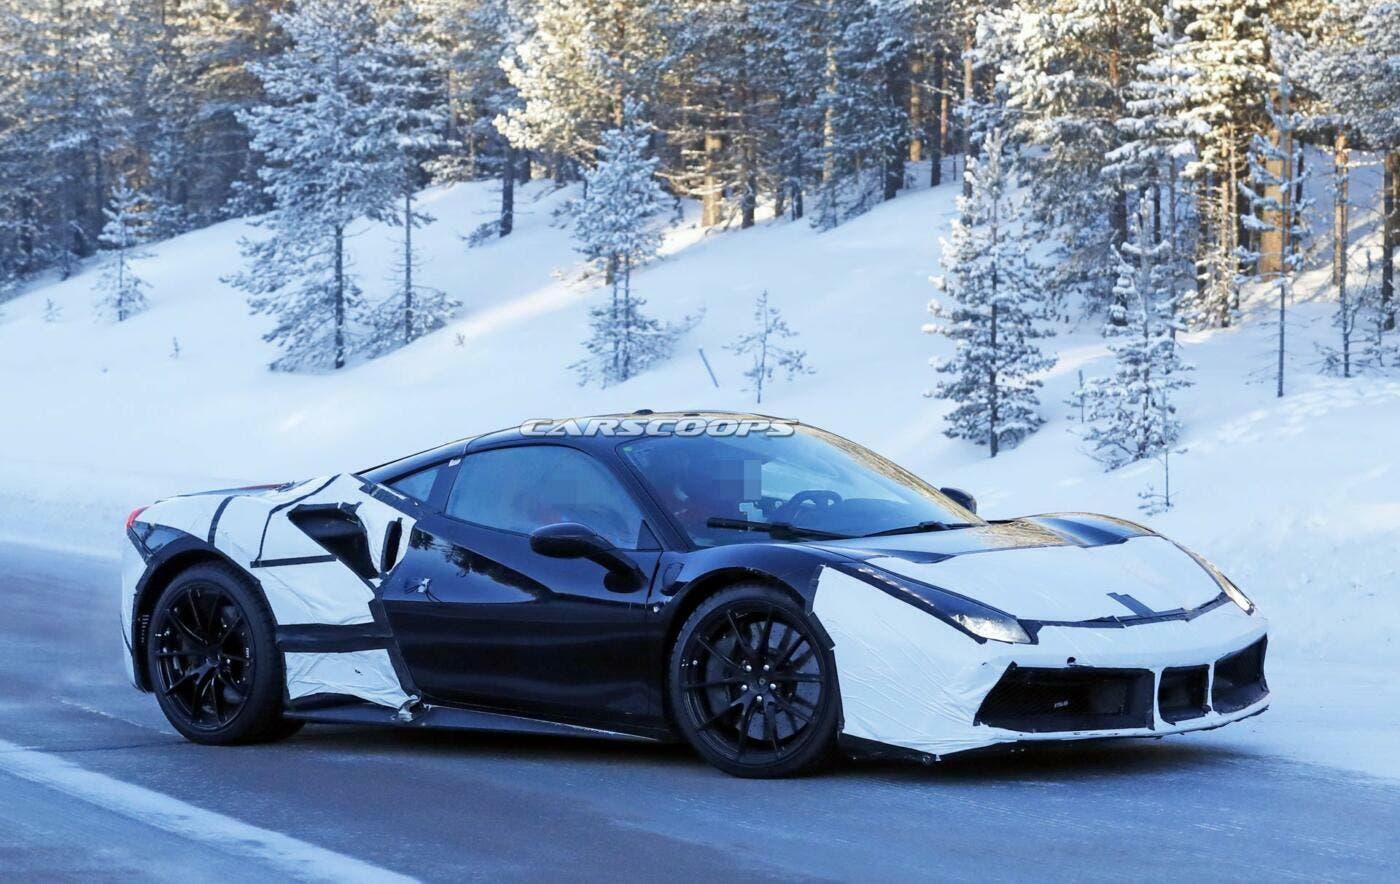 Ferrari nuova Supercar ibrida foto spia